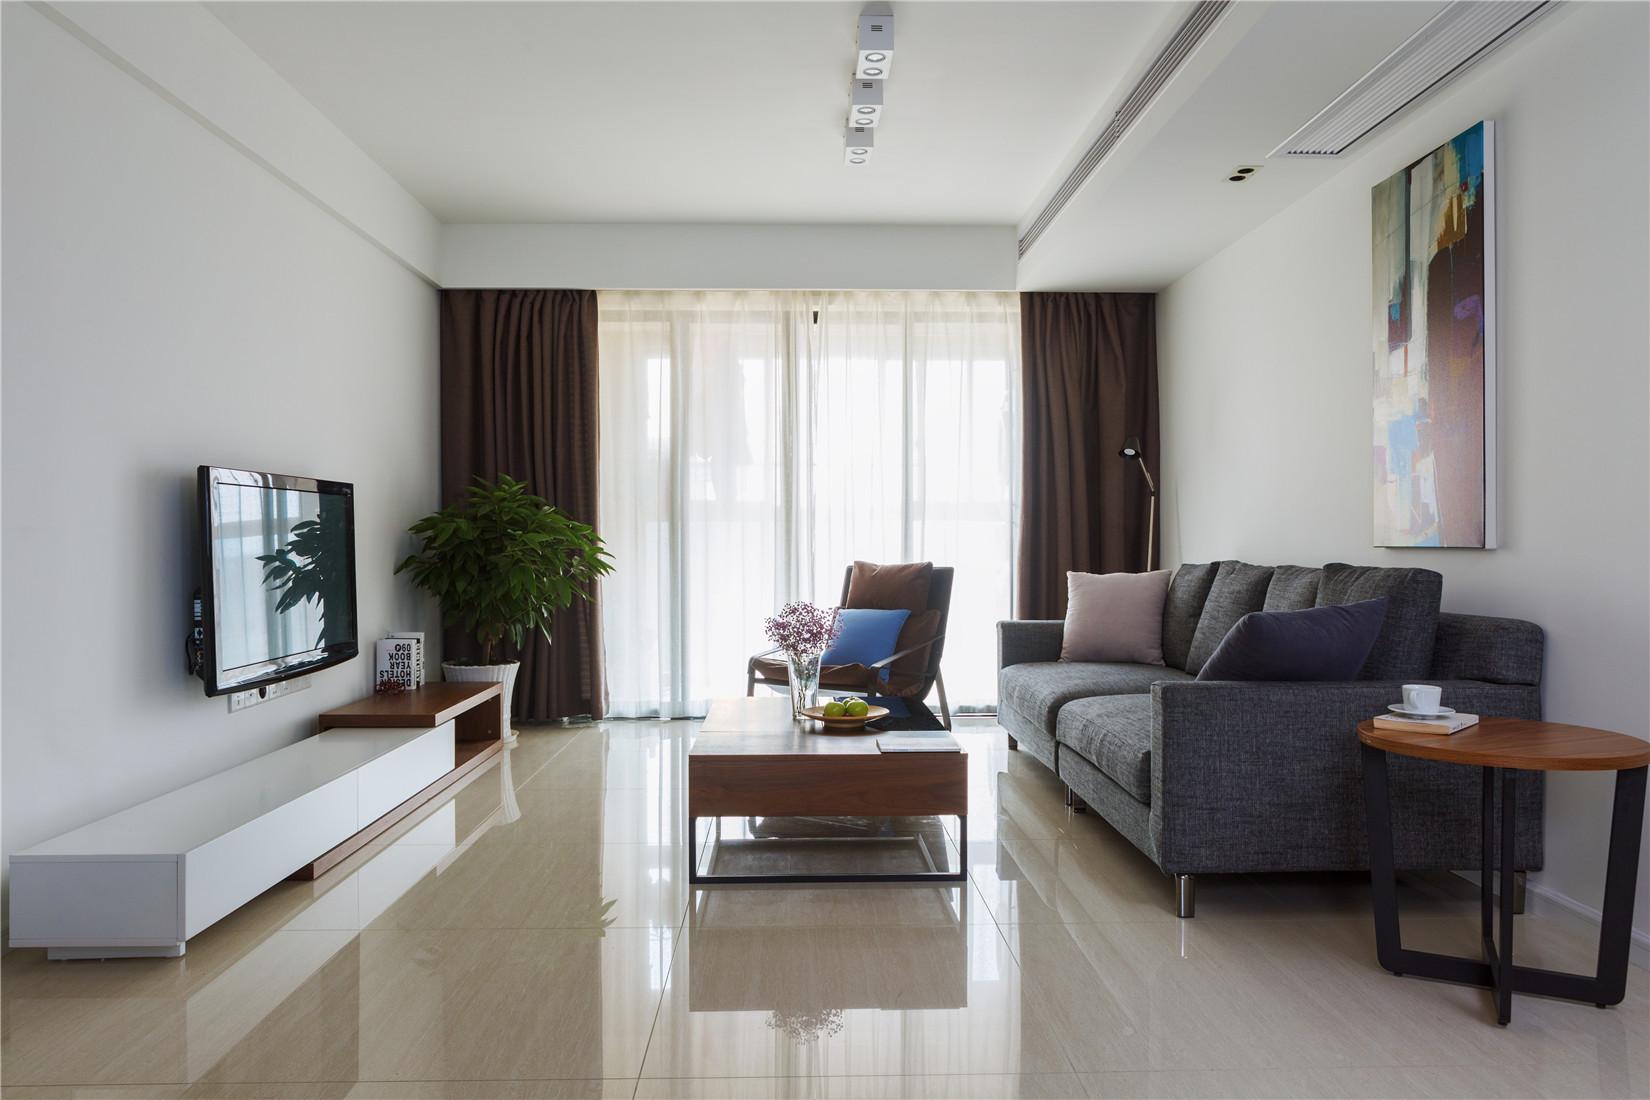 简约风格简洁简约客厅设计图